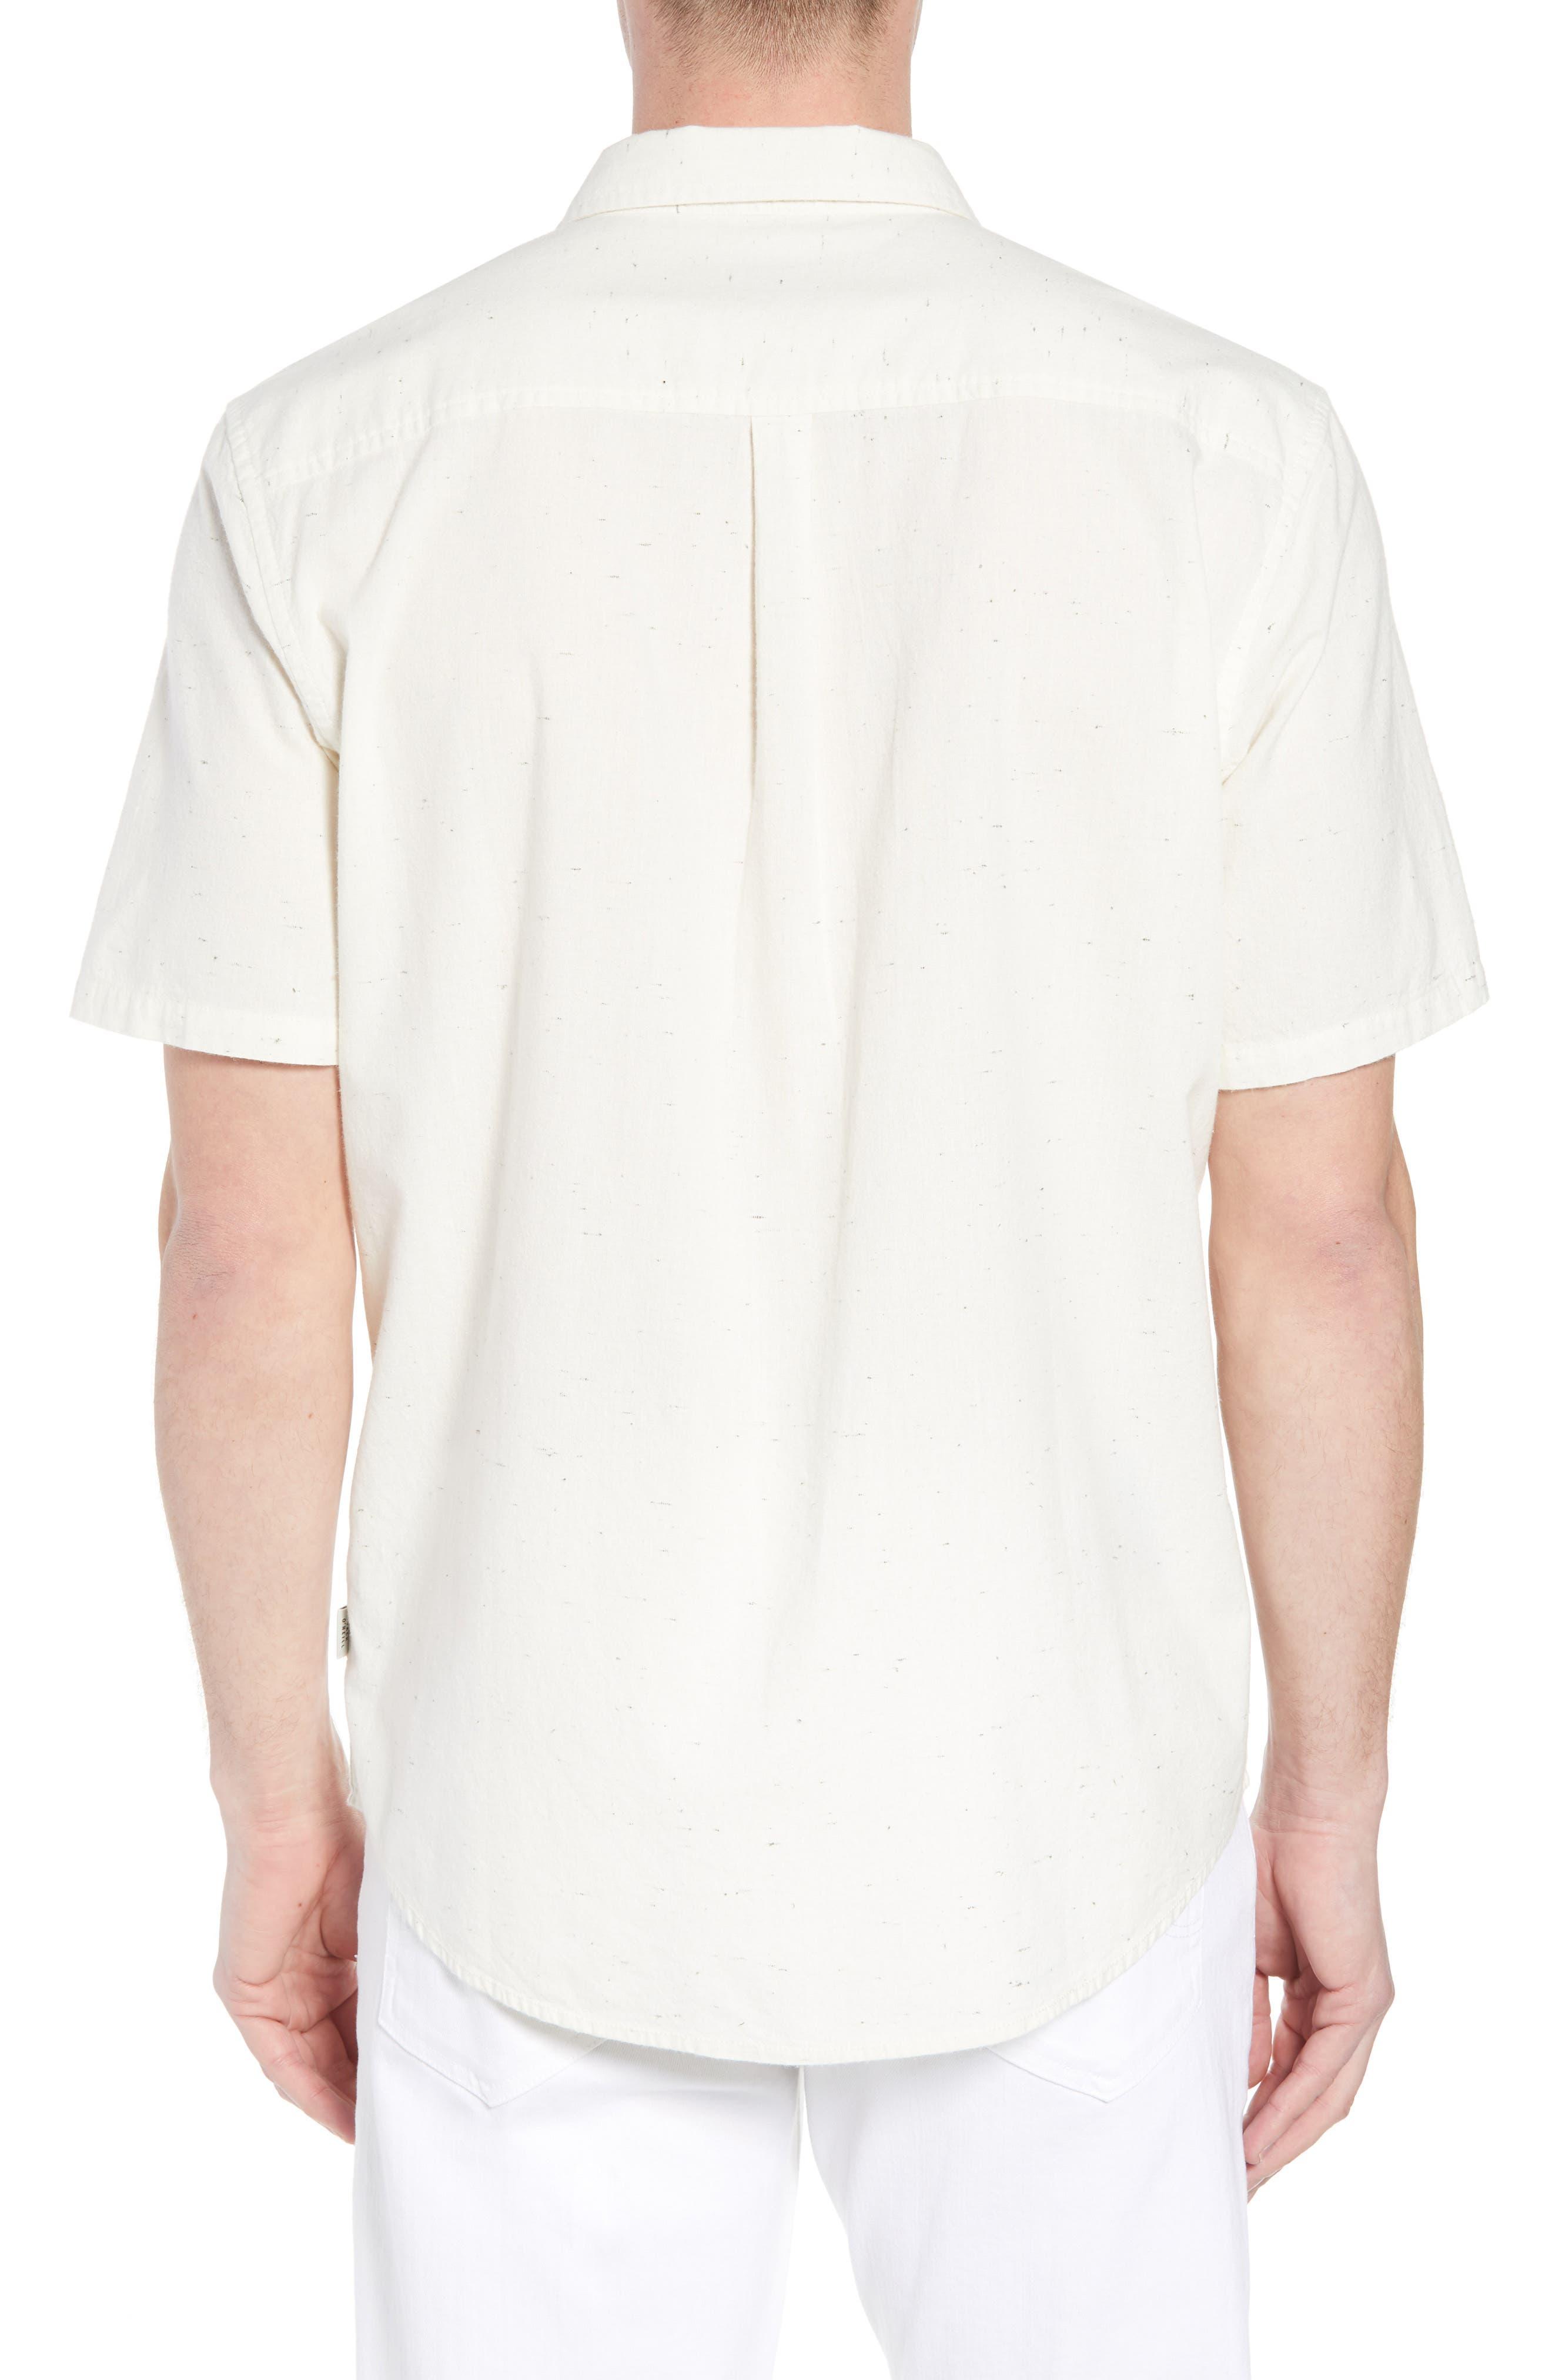 Charter Regular Fit Short Sleeve Sport Shirt,                             Alternate thumbnail 2, color,                             WHITE